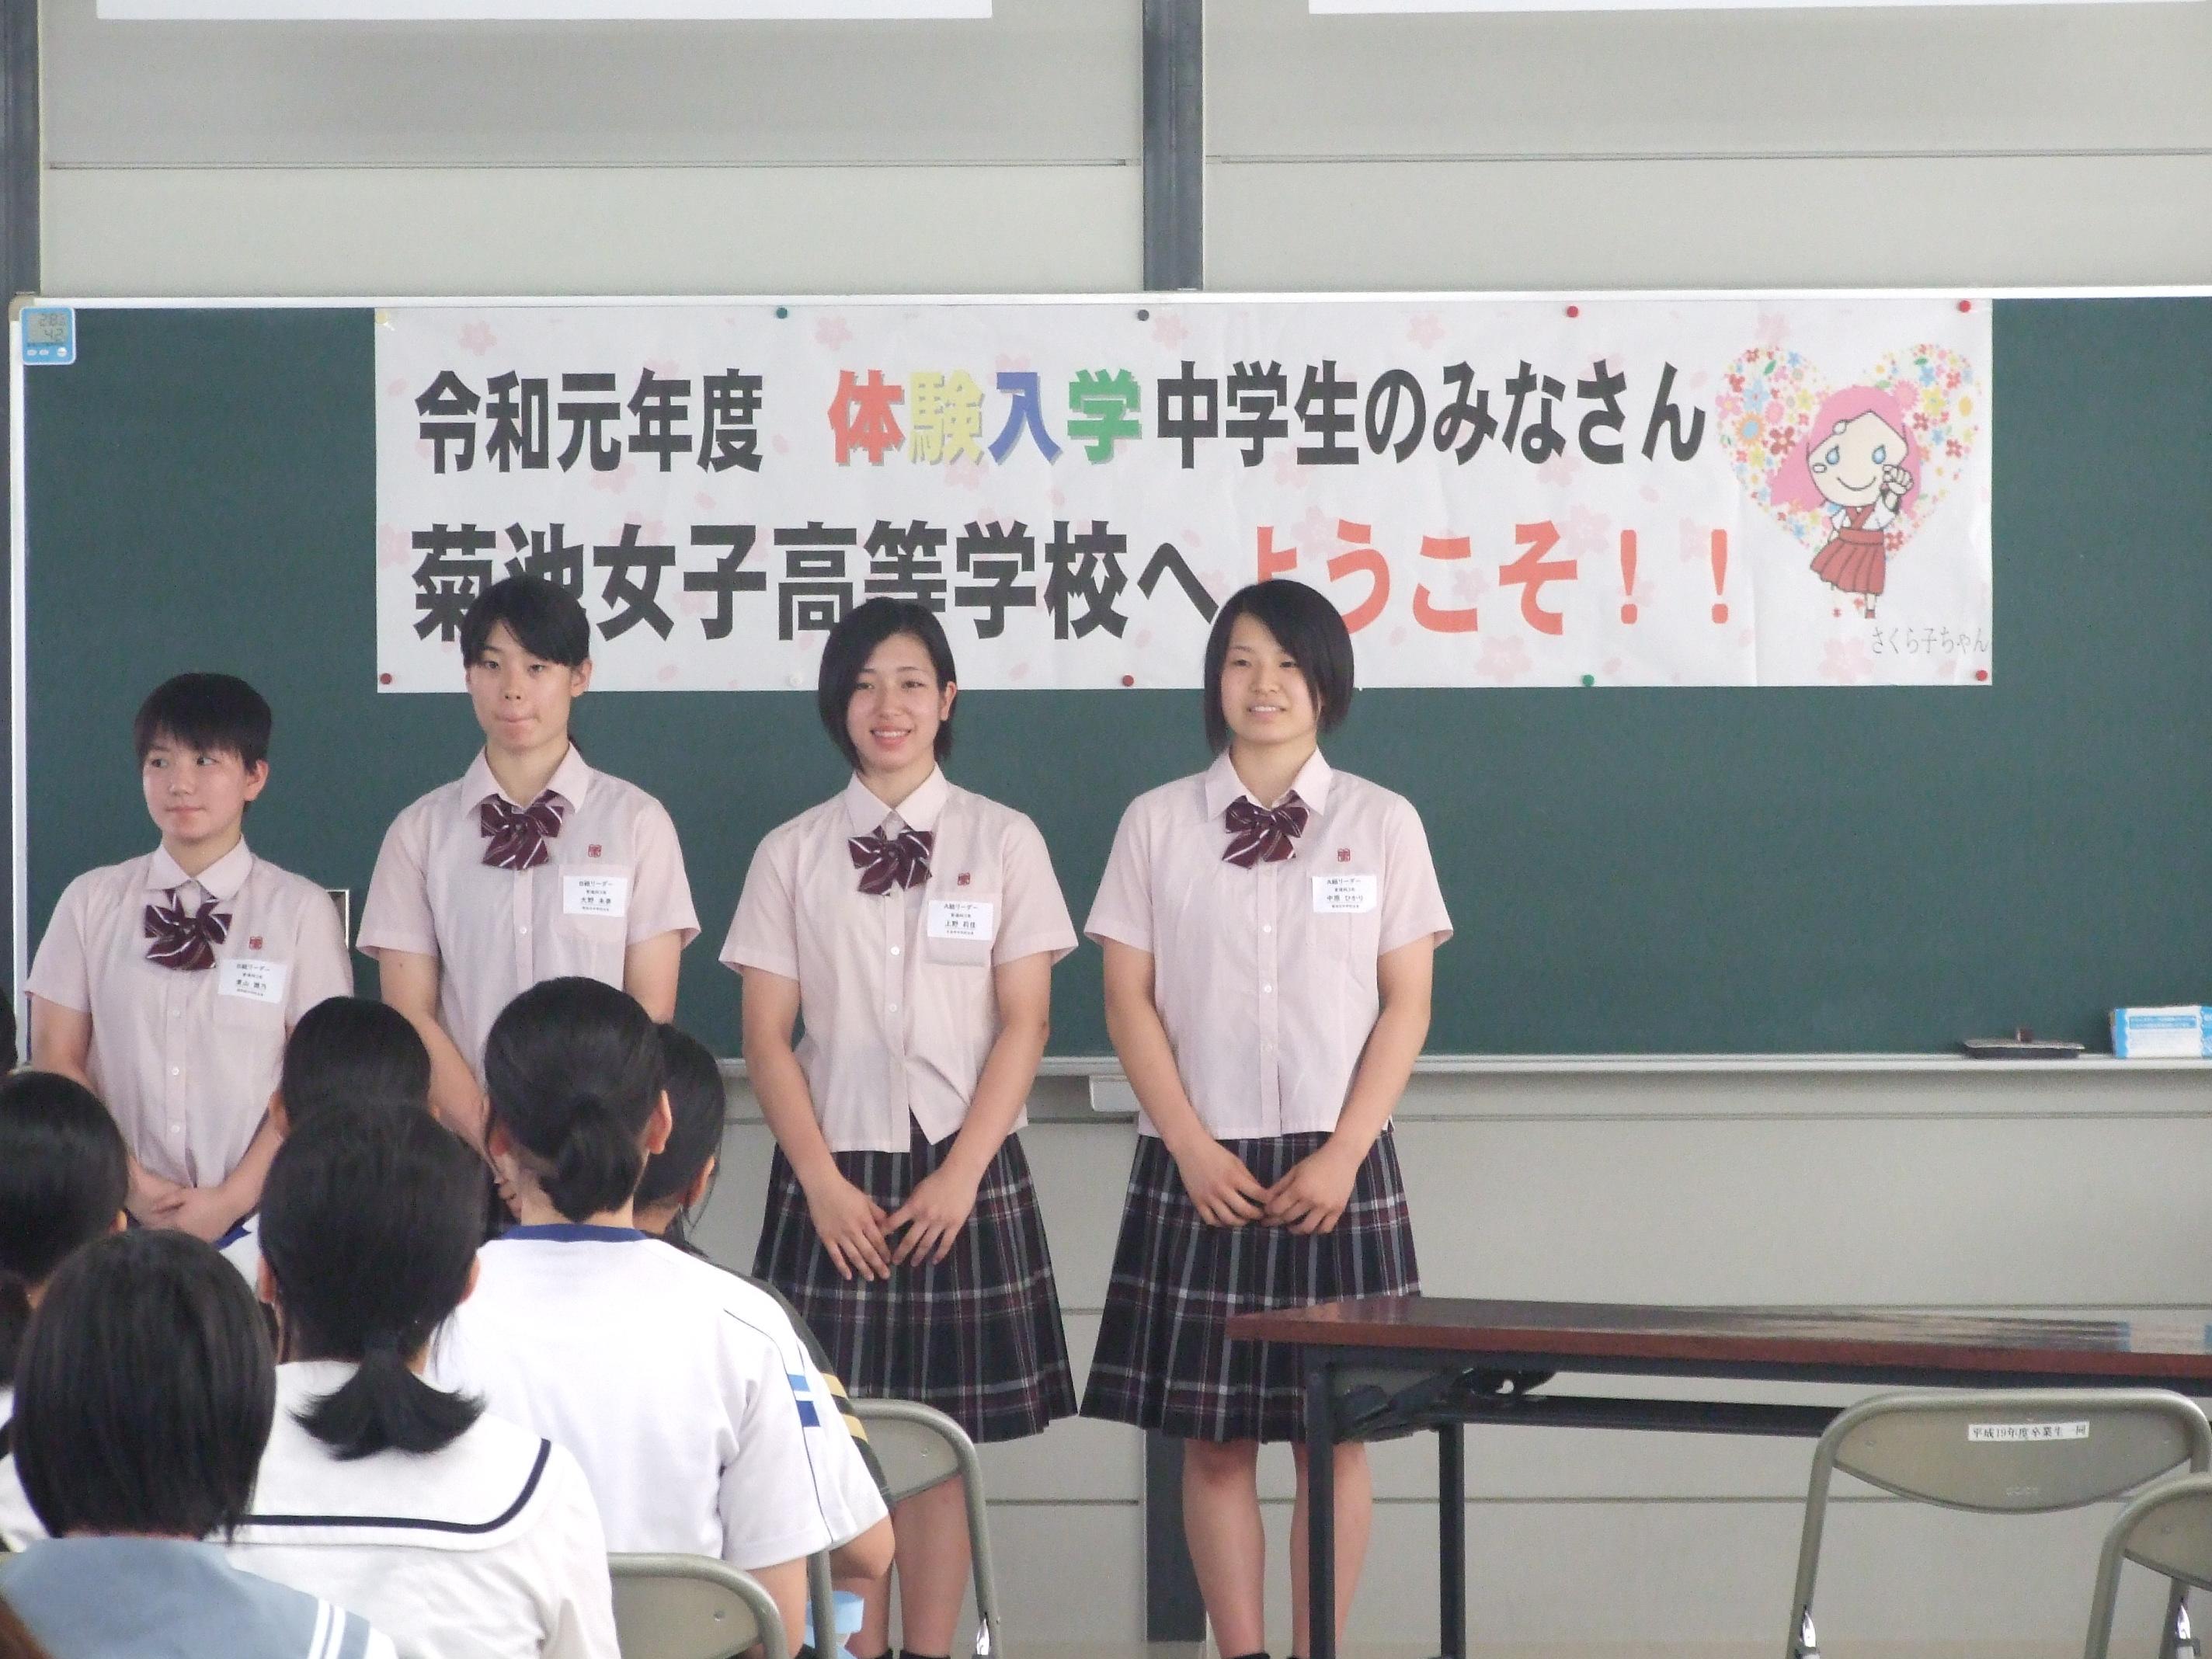 女子 剣道 菊池 高校 試合結果